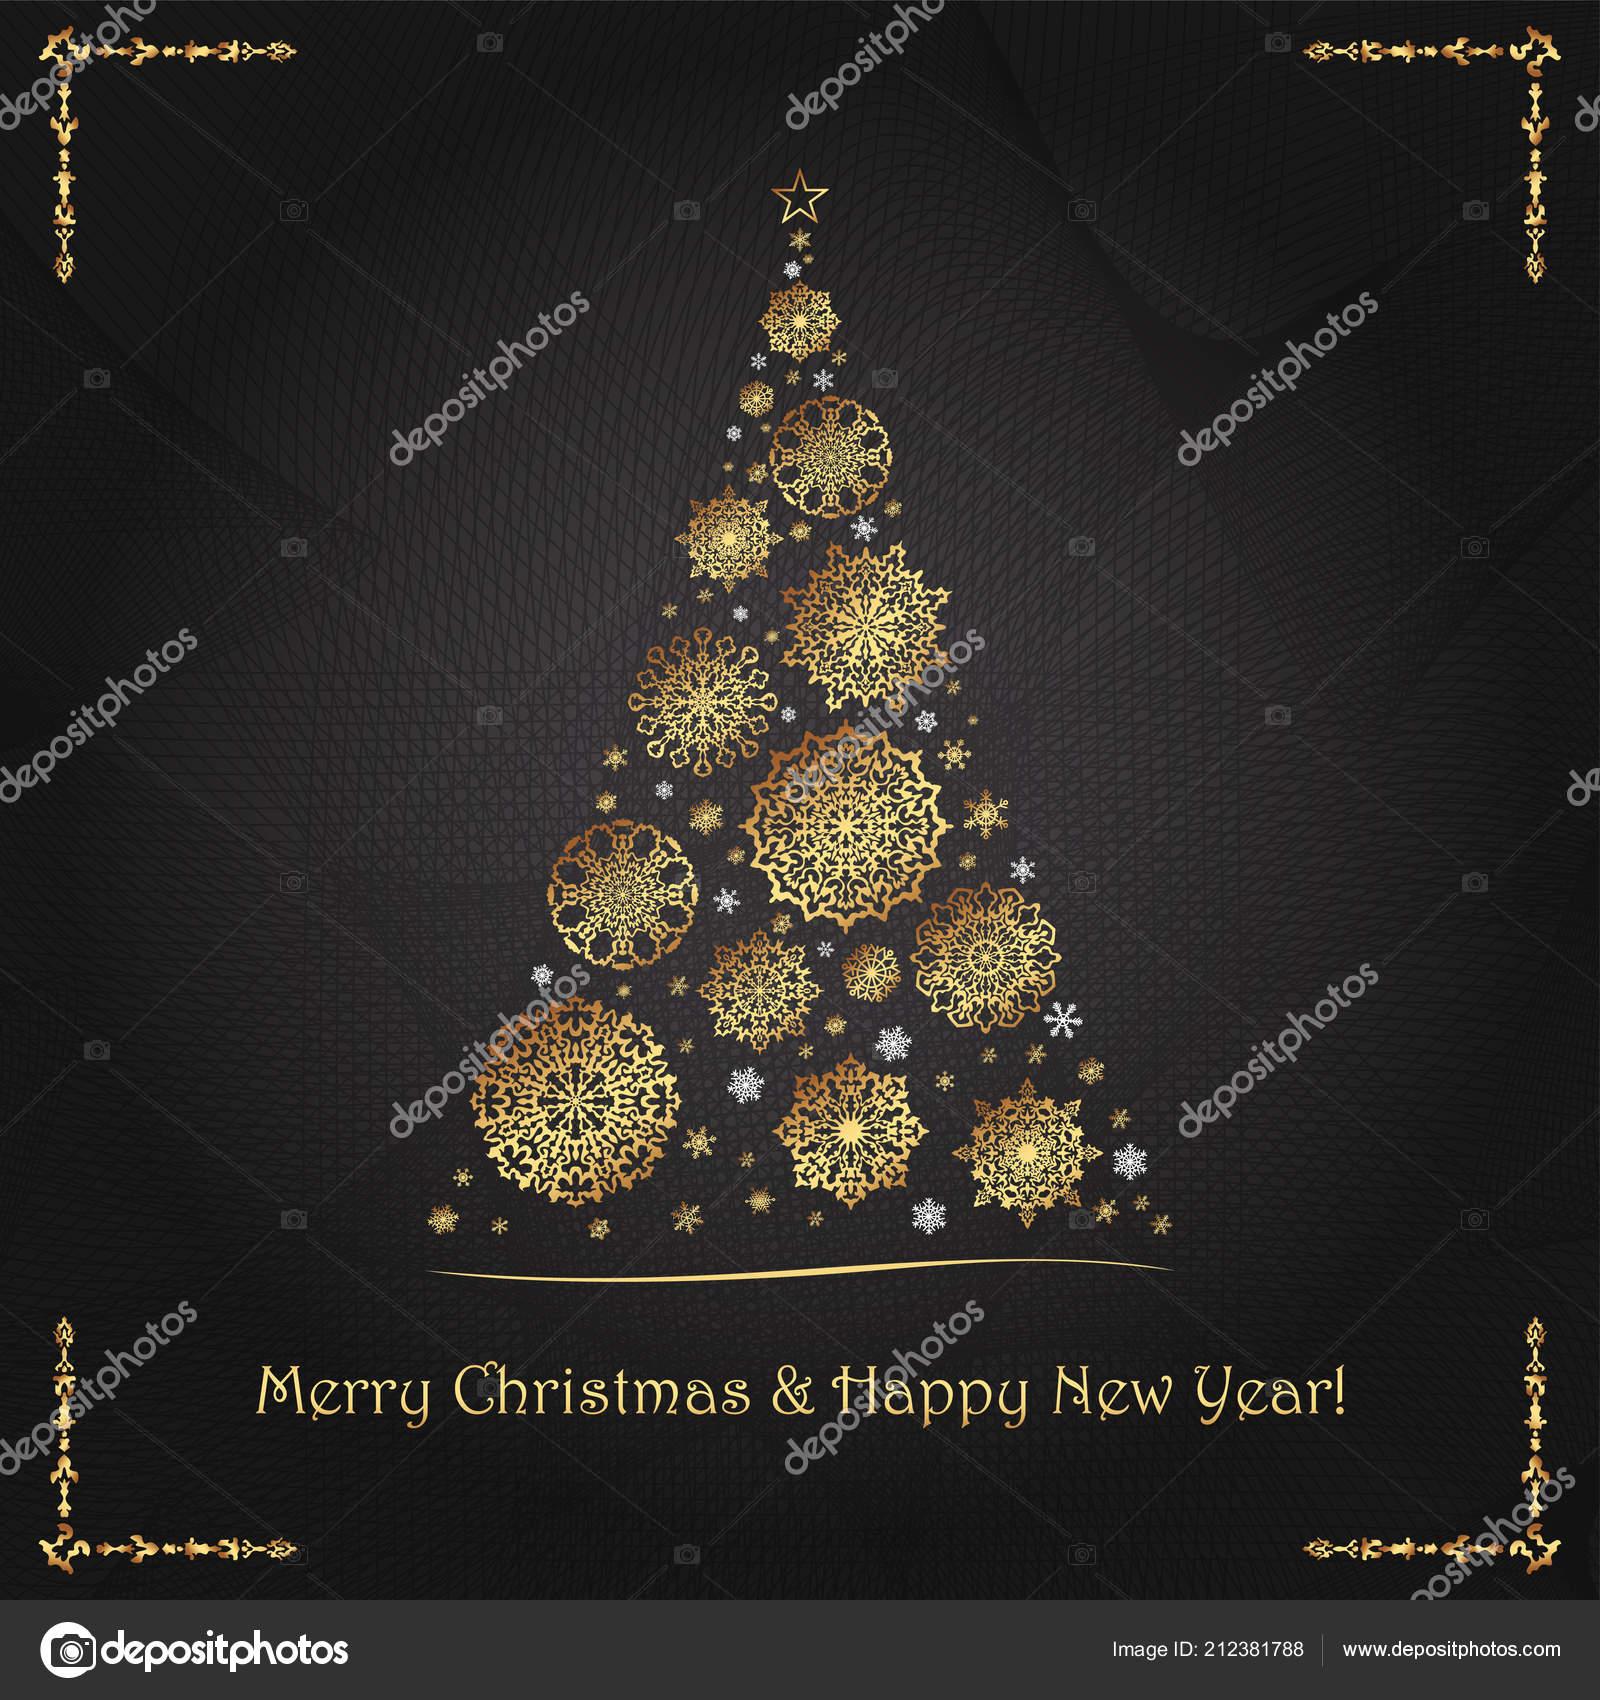 Immagini Per Auguri Natale E Capodanno.Cartolina D Auguri Elegante Lussuosa Per Natale E Capodanno